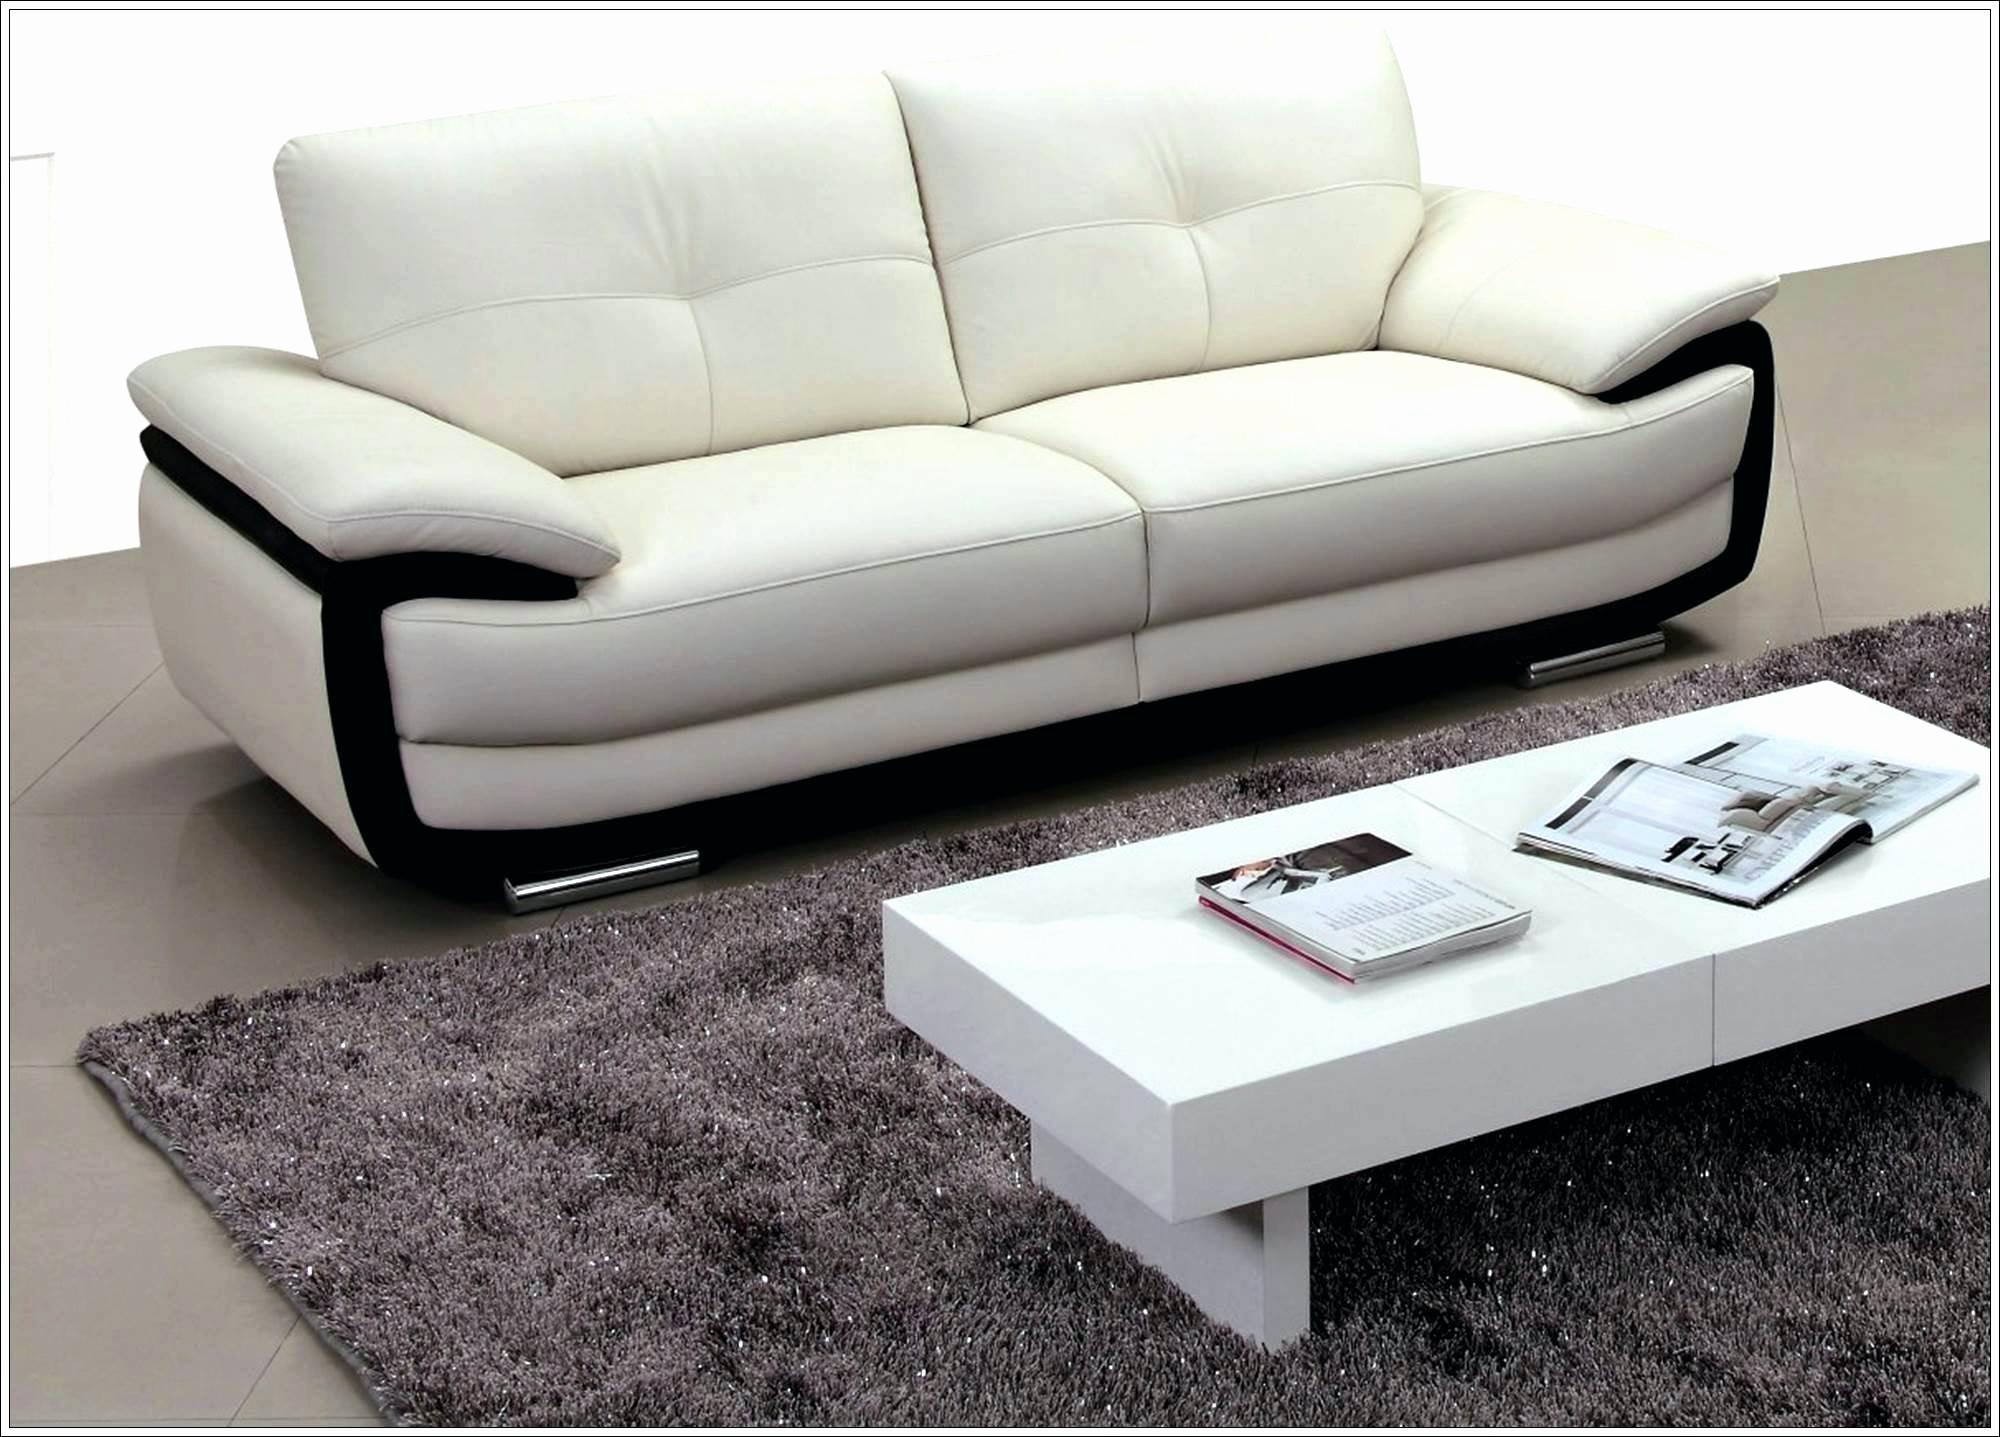 Canapé Convertible Pas Cher but Beau Galerie Canap Convertible 3 Places Conforama 11 Lit 2 Pas Cher Ikea but